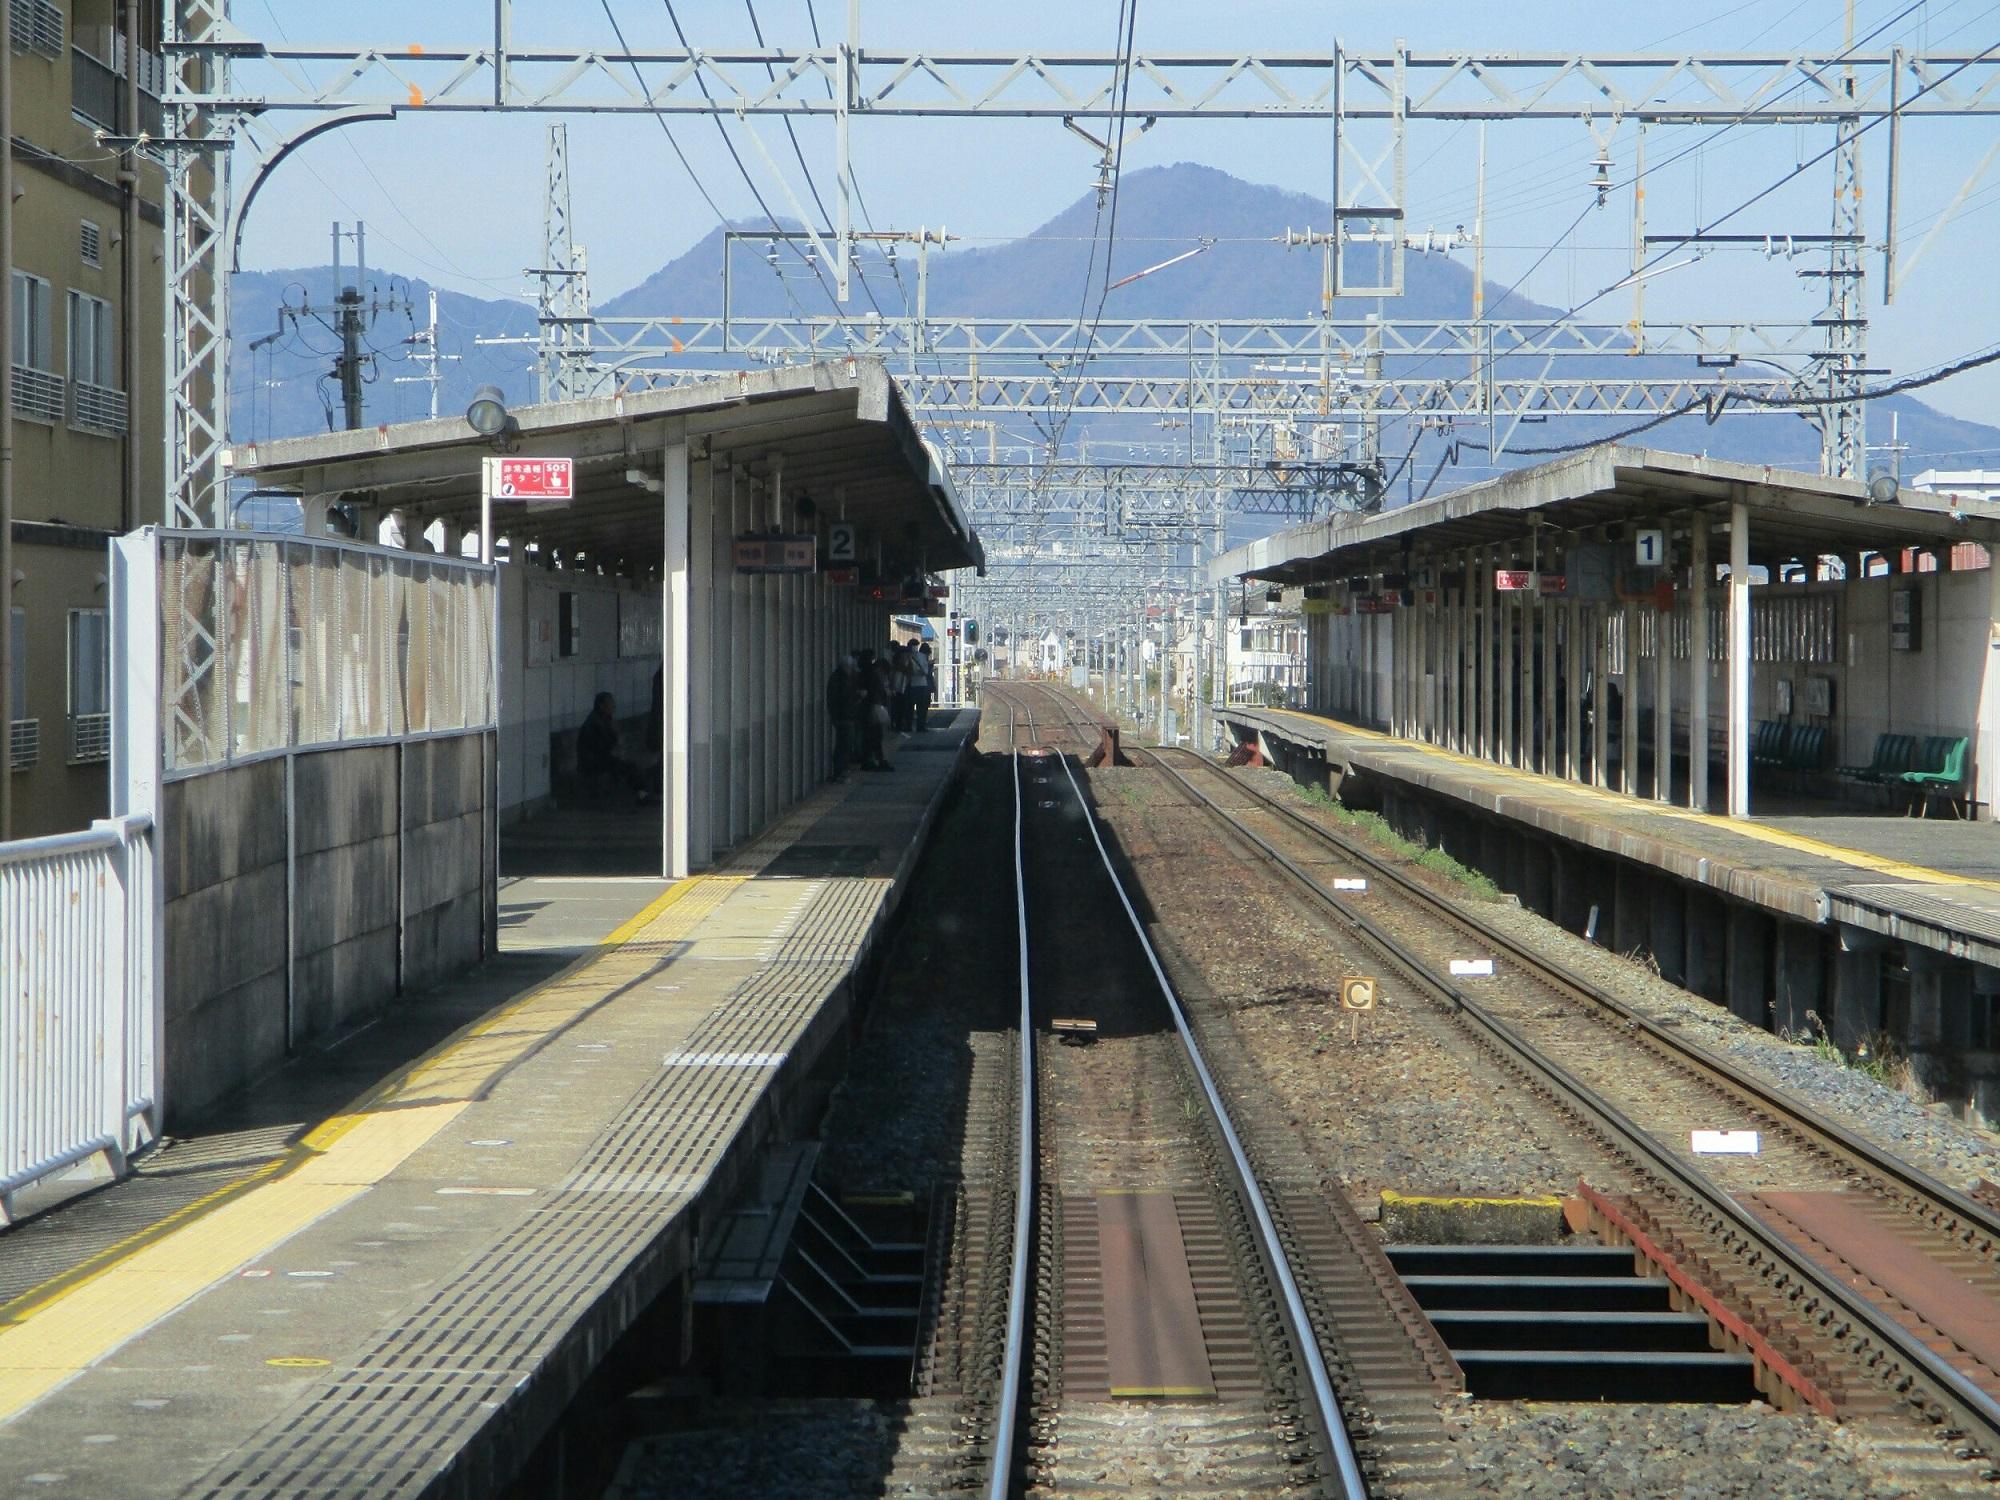 2019.3.18 (61) 大阪阿部野橋いき急行 - 高田市 2000-1500